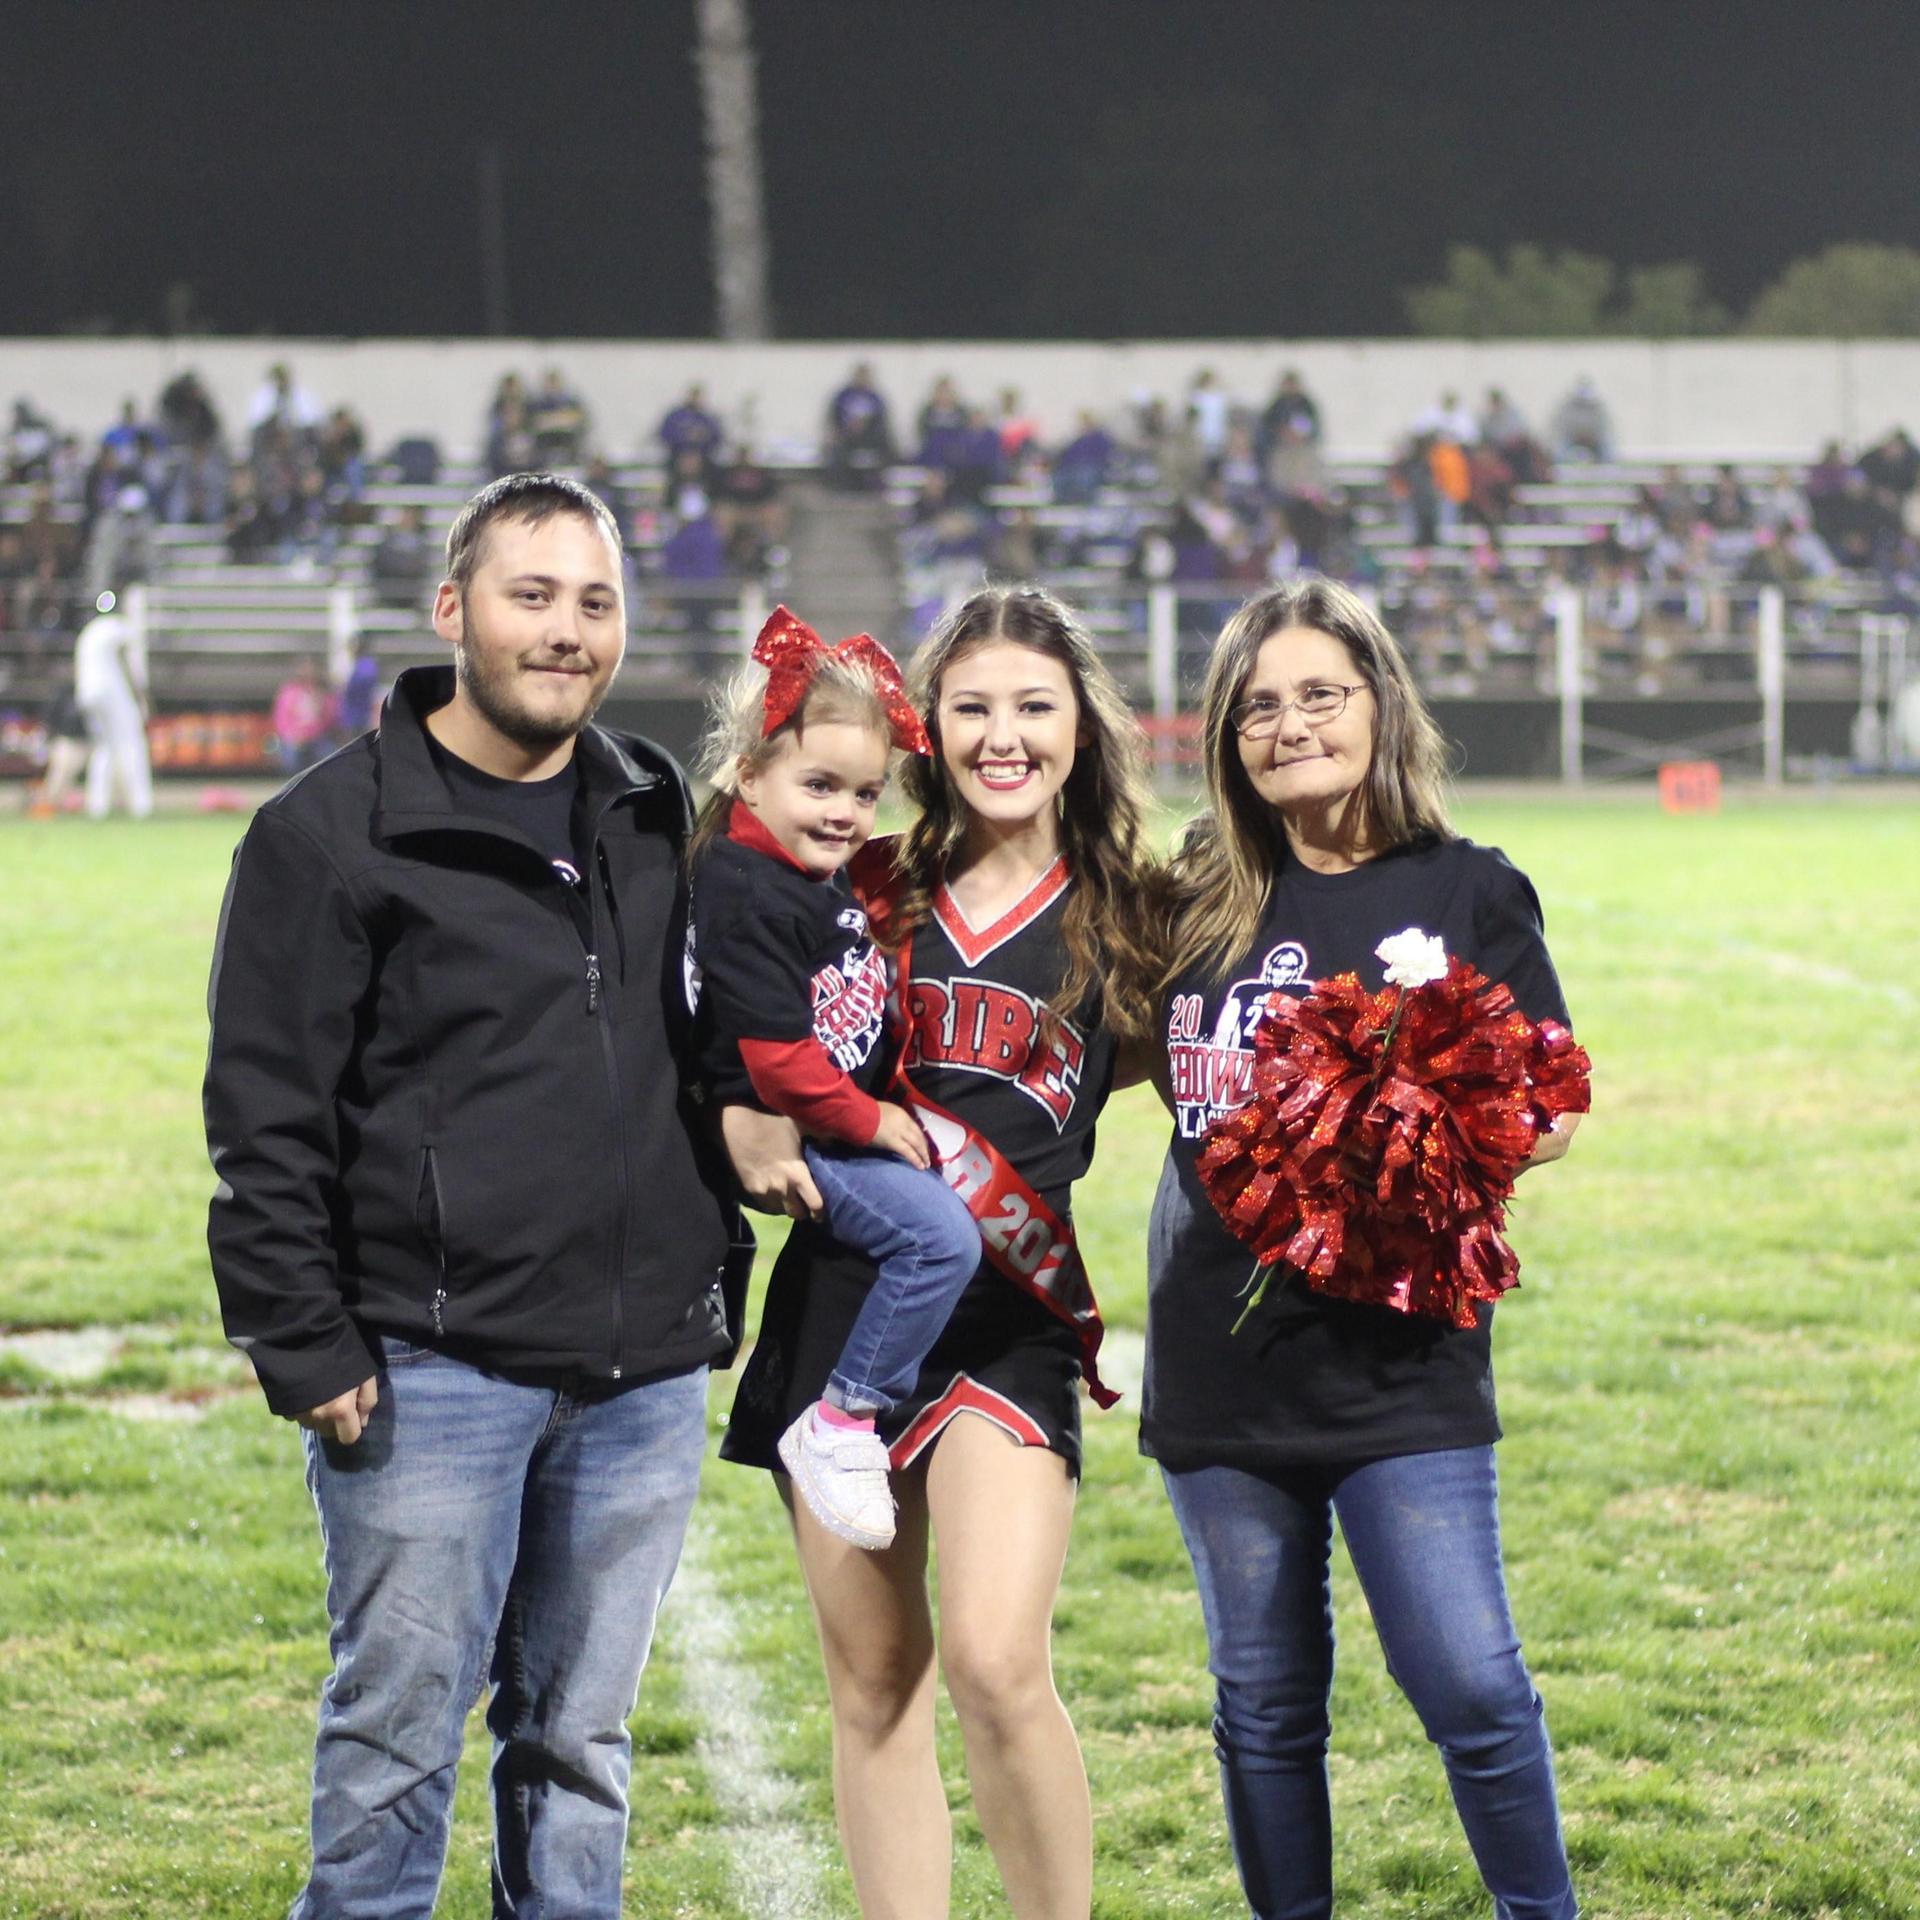 Senior cheerleader Kaylynn Matthes and her escorts.